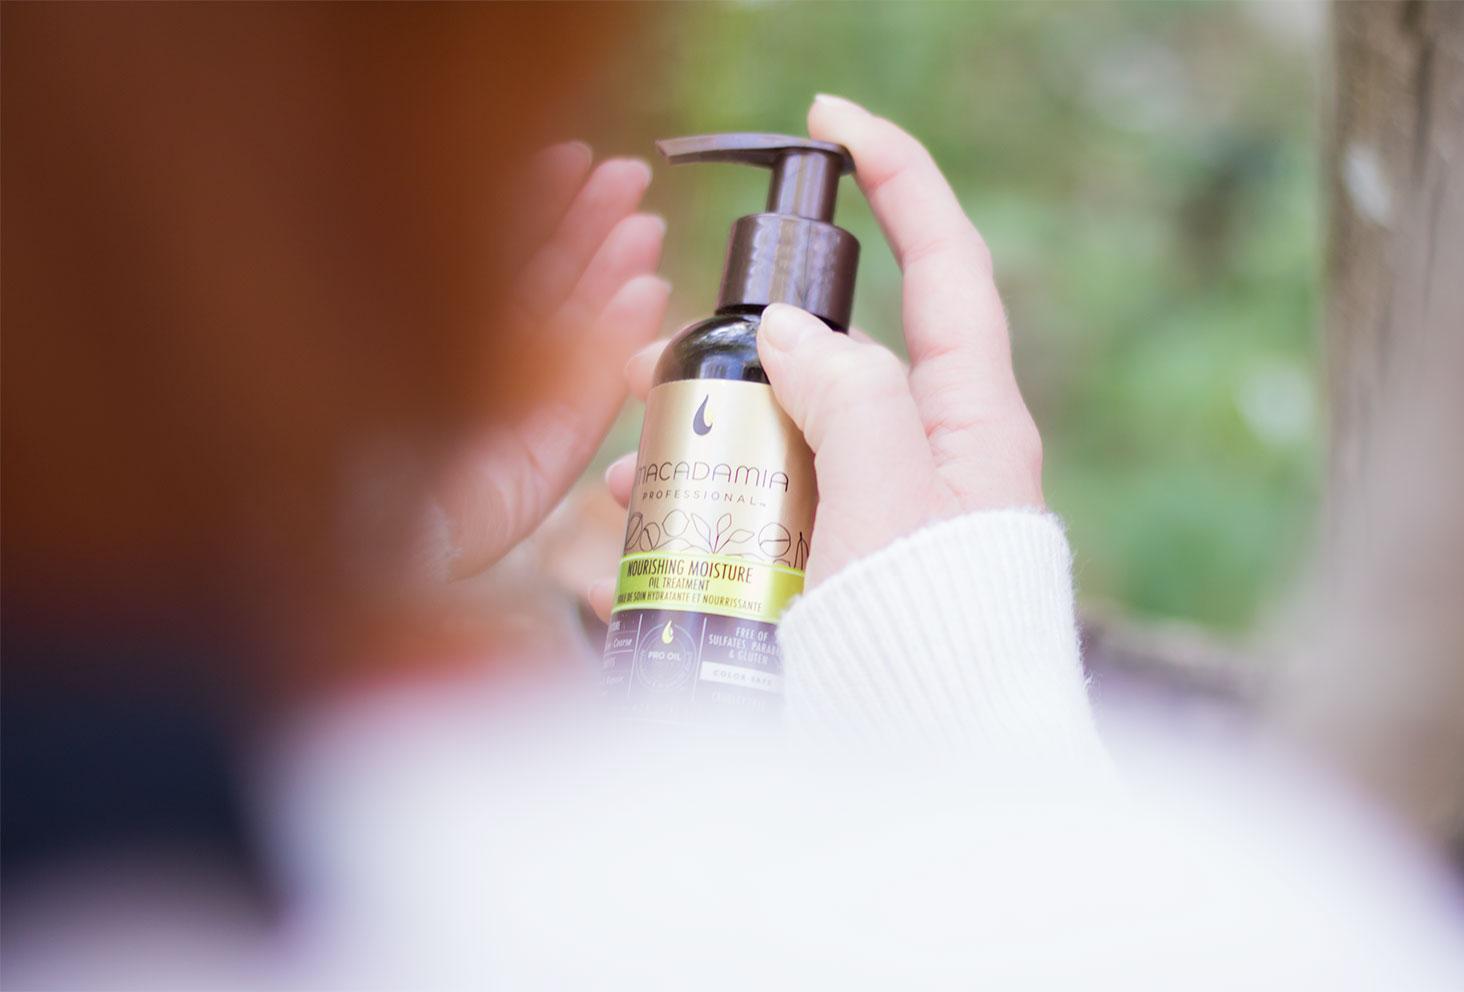 Zoom sur l'étiquette de l'huile pour cheveux Macadamia Professional